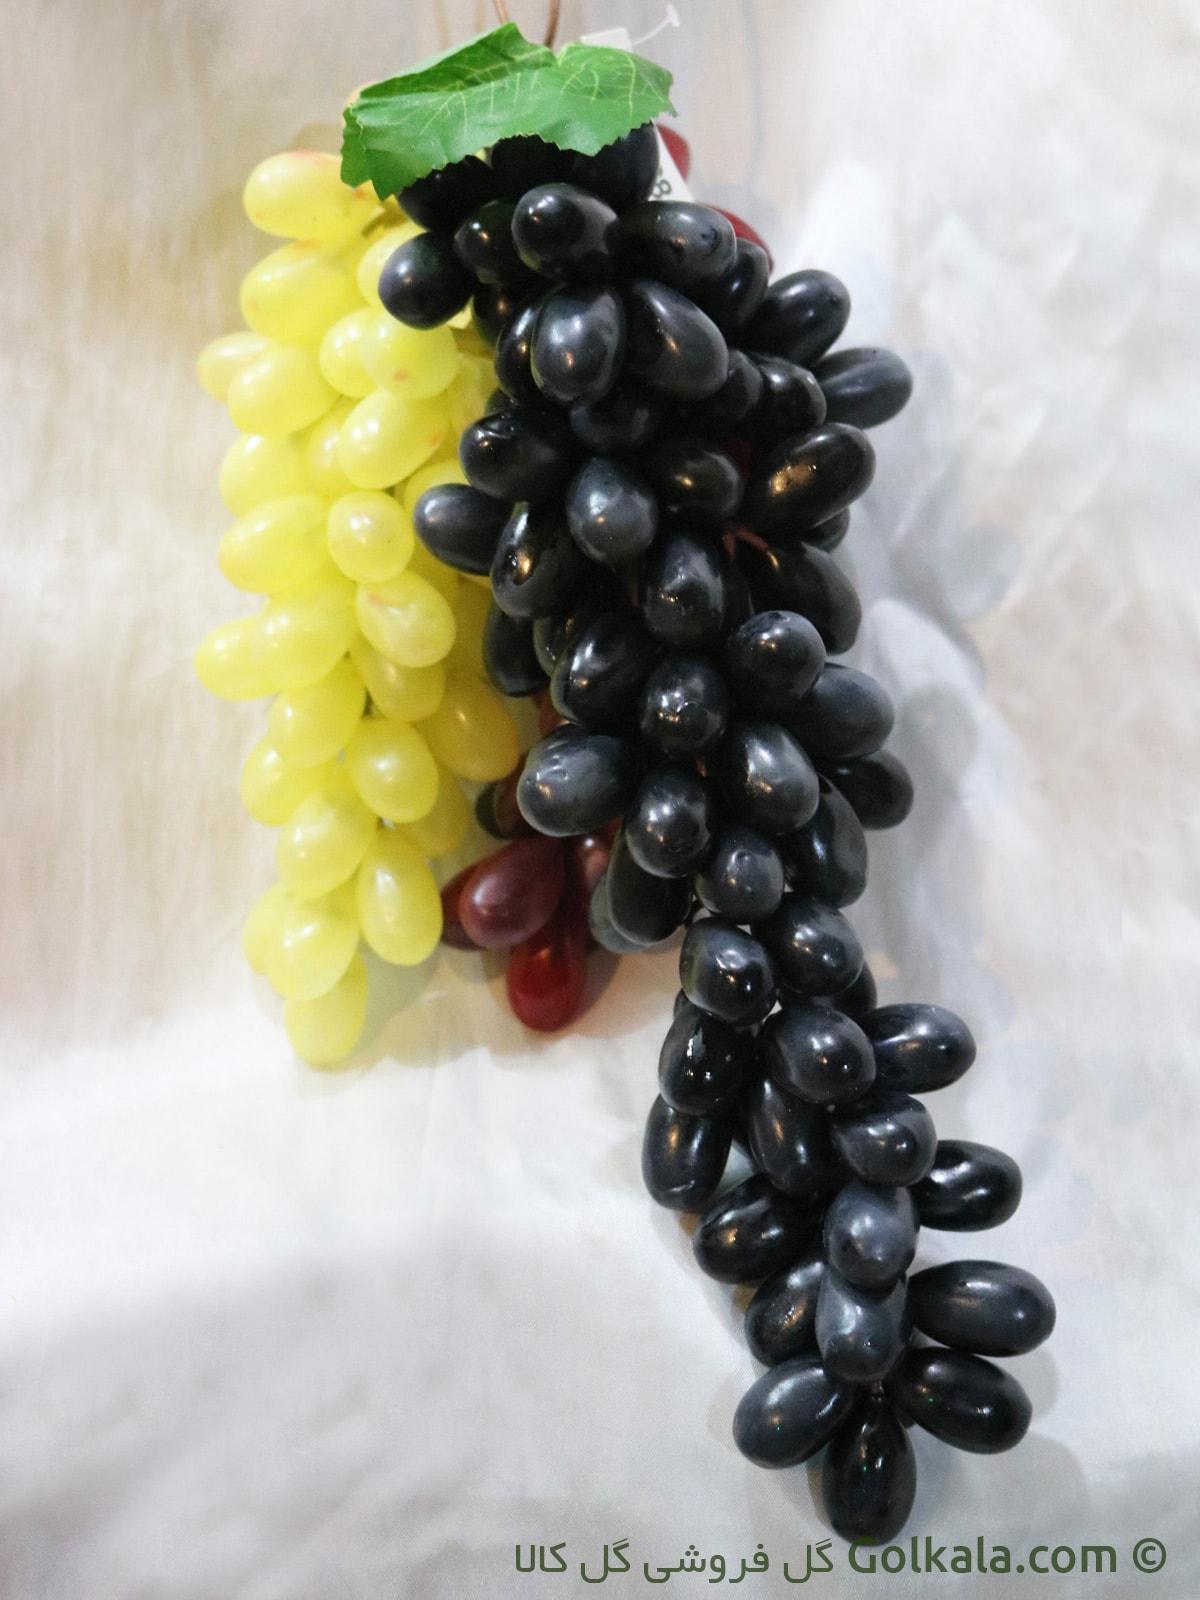 آویز انگور مشکی و زرد